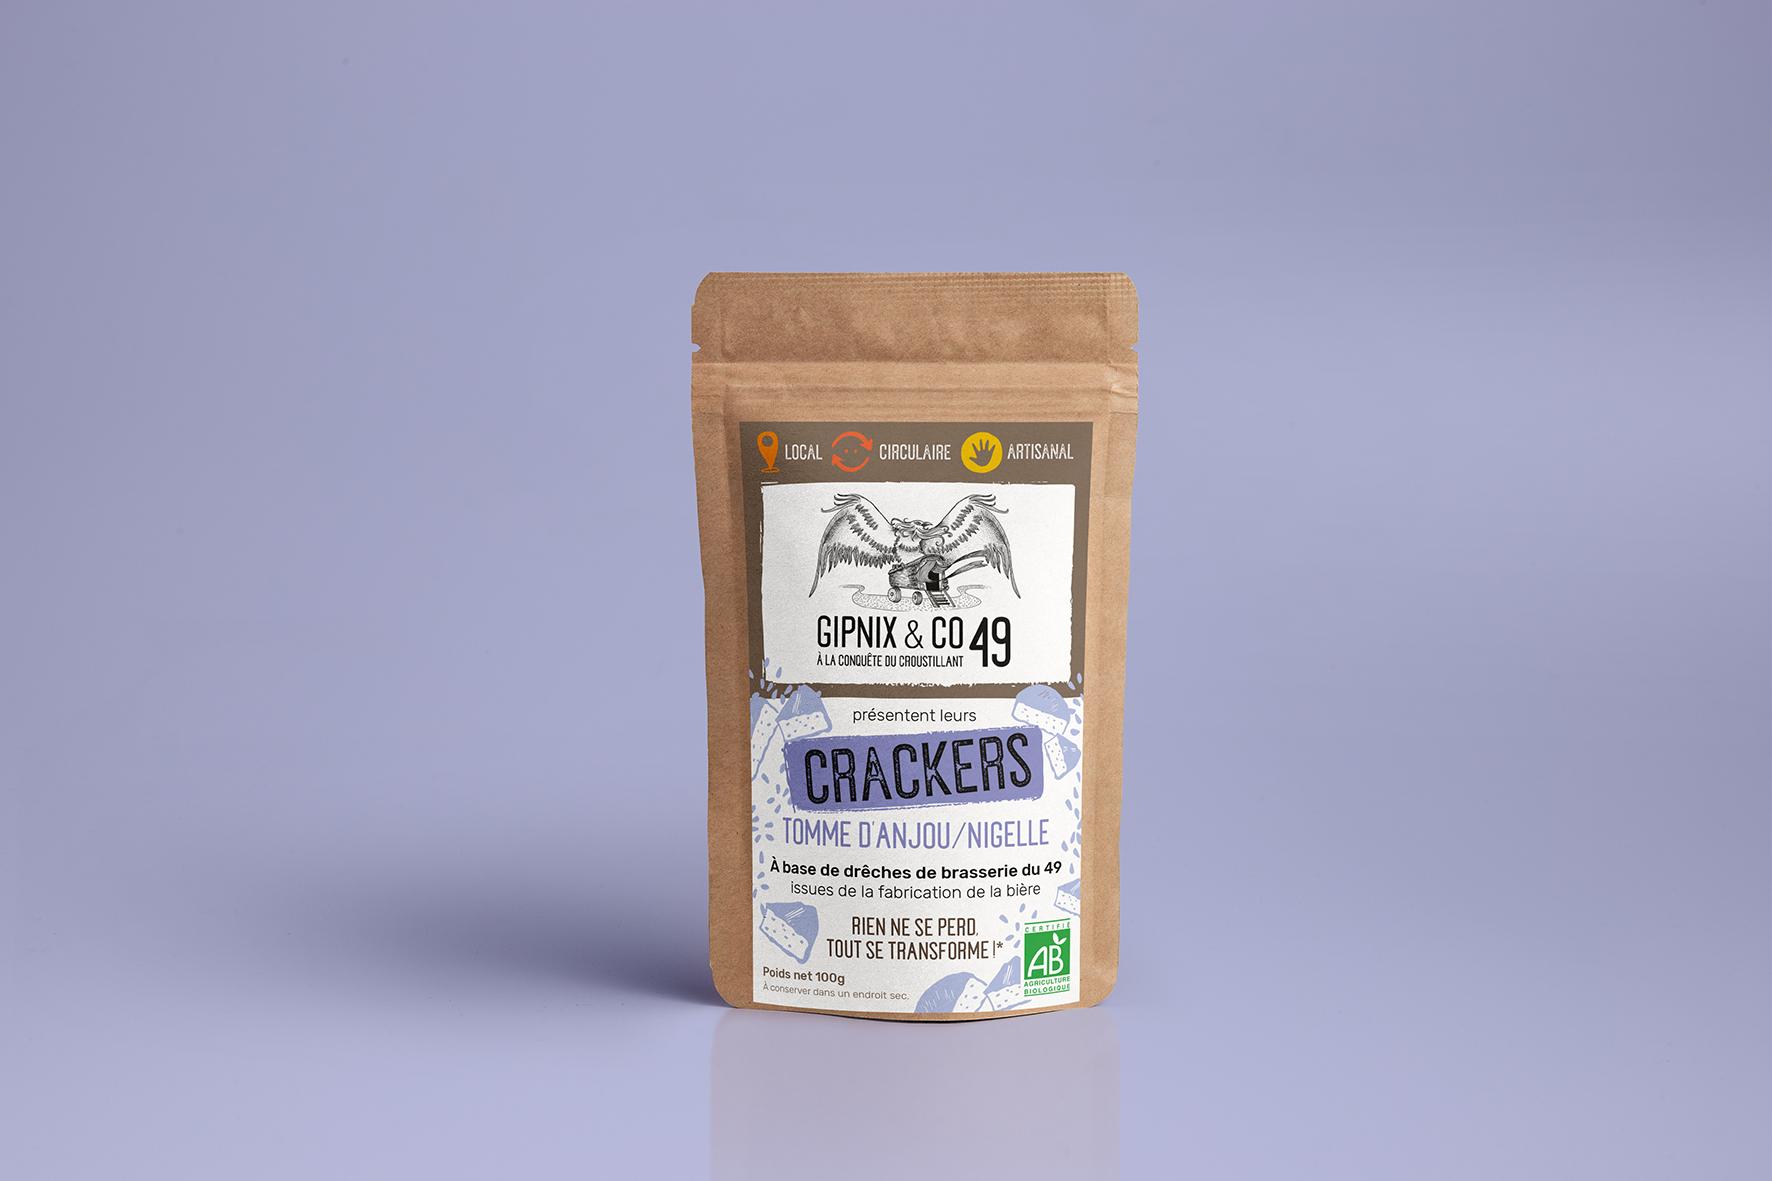 Magali AC graphisme - Étiquette crackers Bio illustrateur graphiste Angers